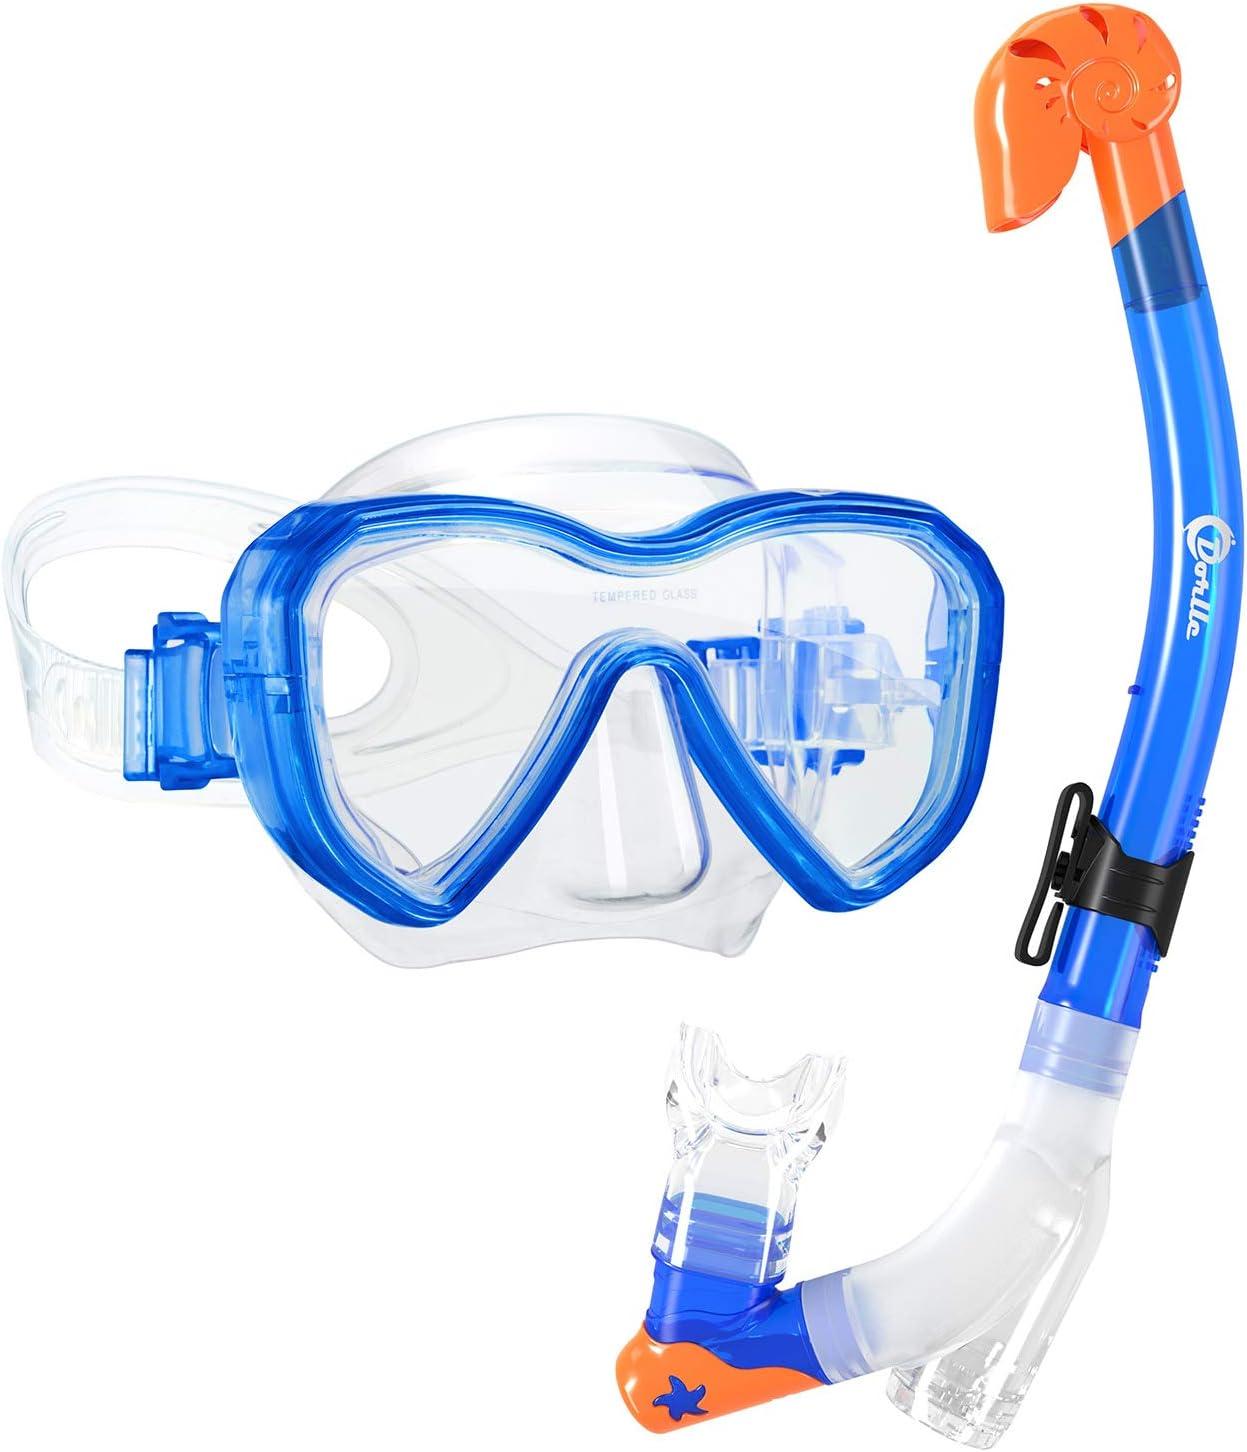 Schnorchel blau Taucherbrille Nerd Clear Kinder 3-teiliges Schnorchelset gr/ün farblich Sortiert in rot Flossen